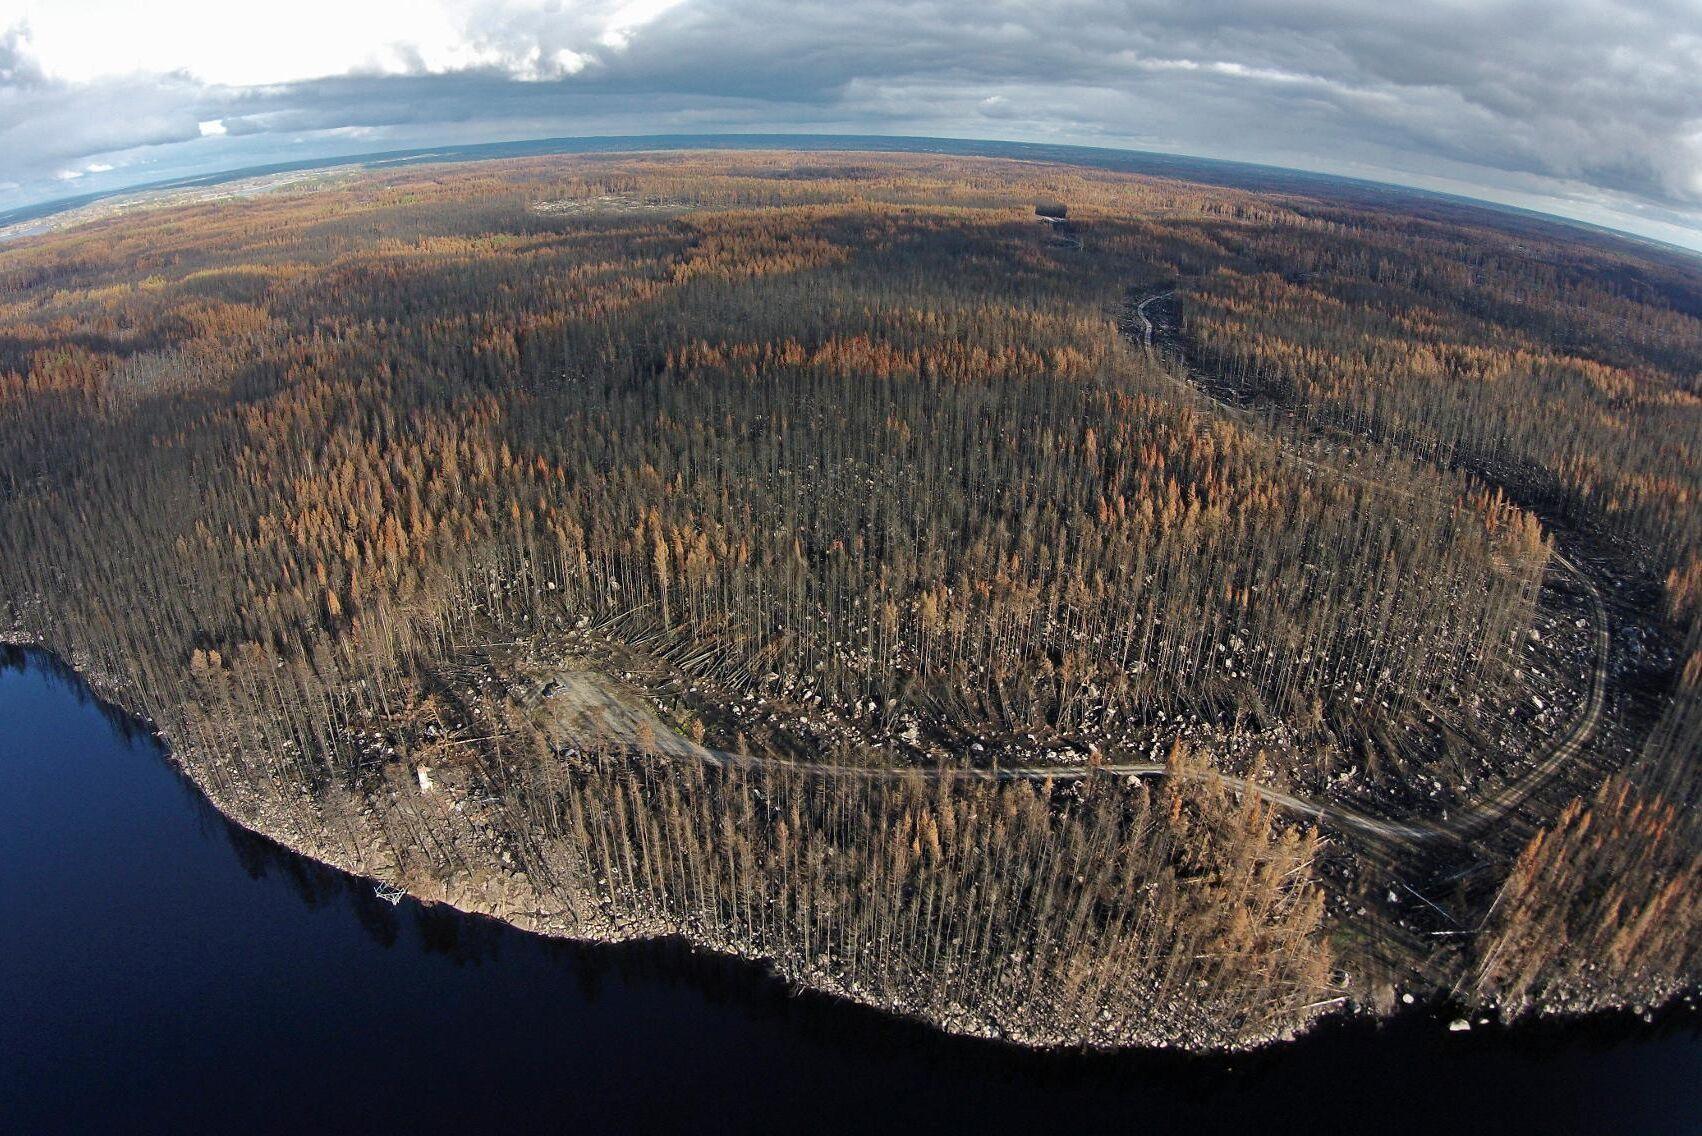 Skogsbranden som härjade i Västmanland 2014 omfattade mer än 13000 hektar.